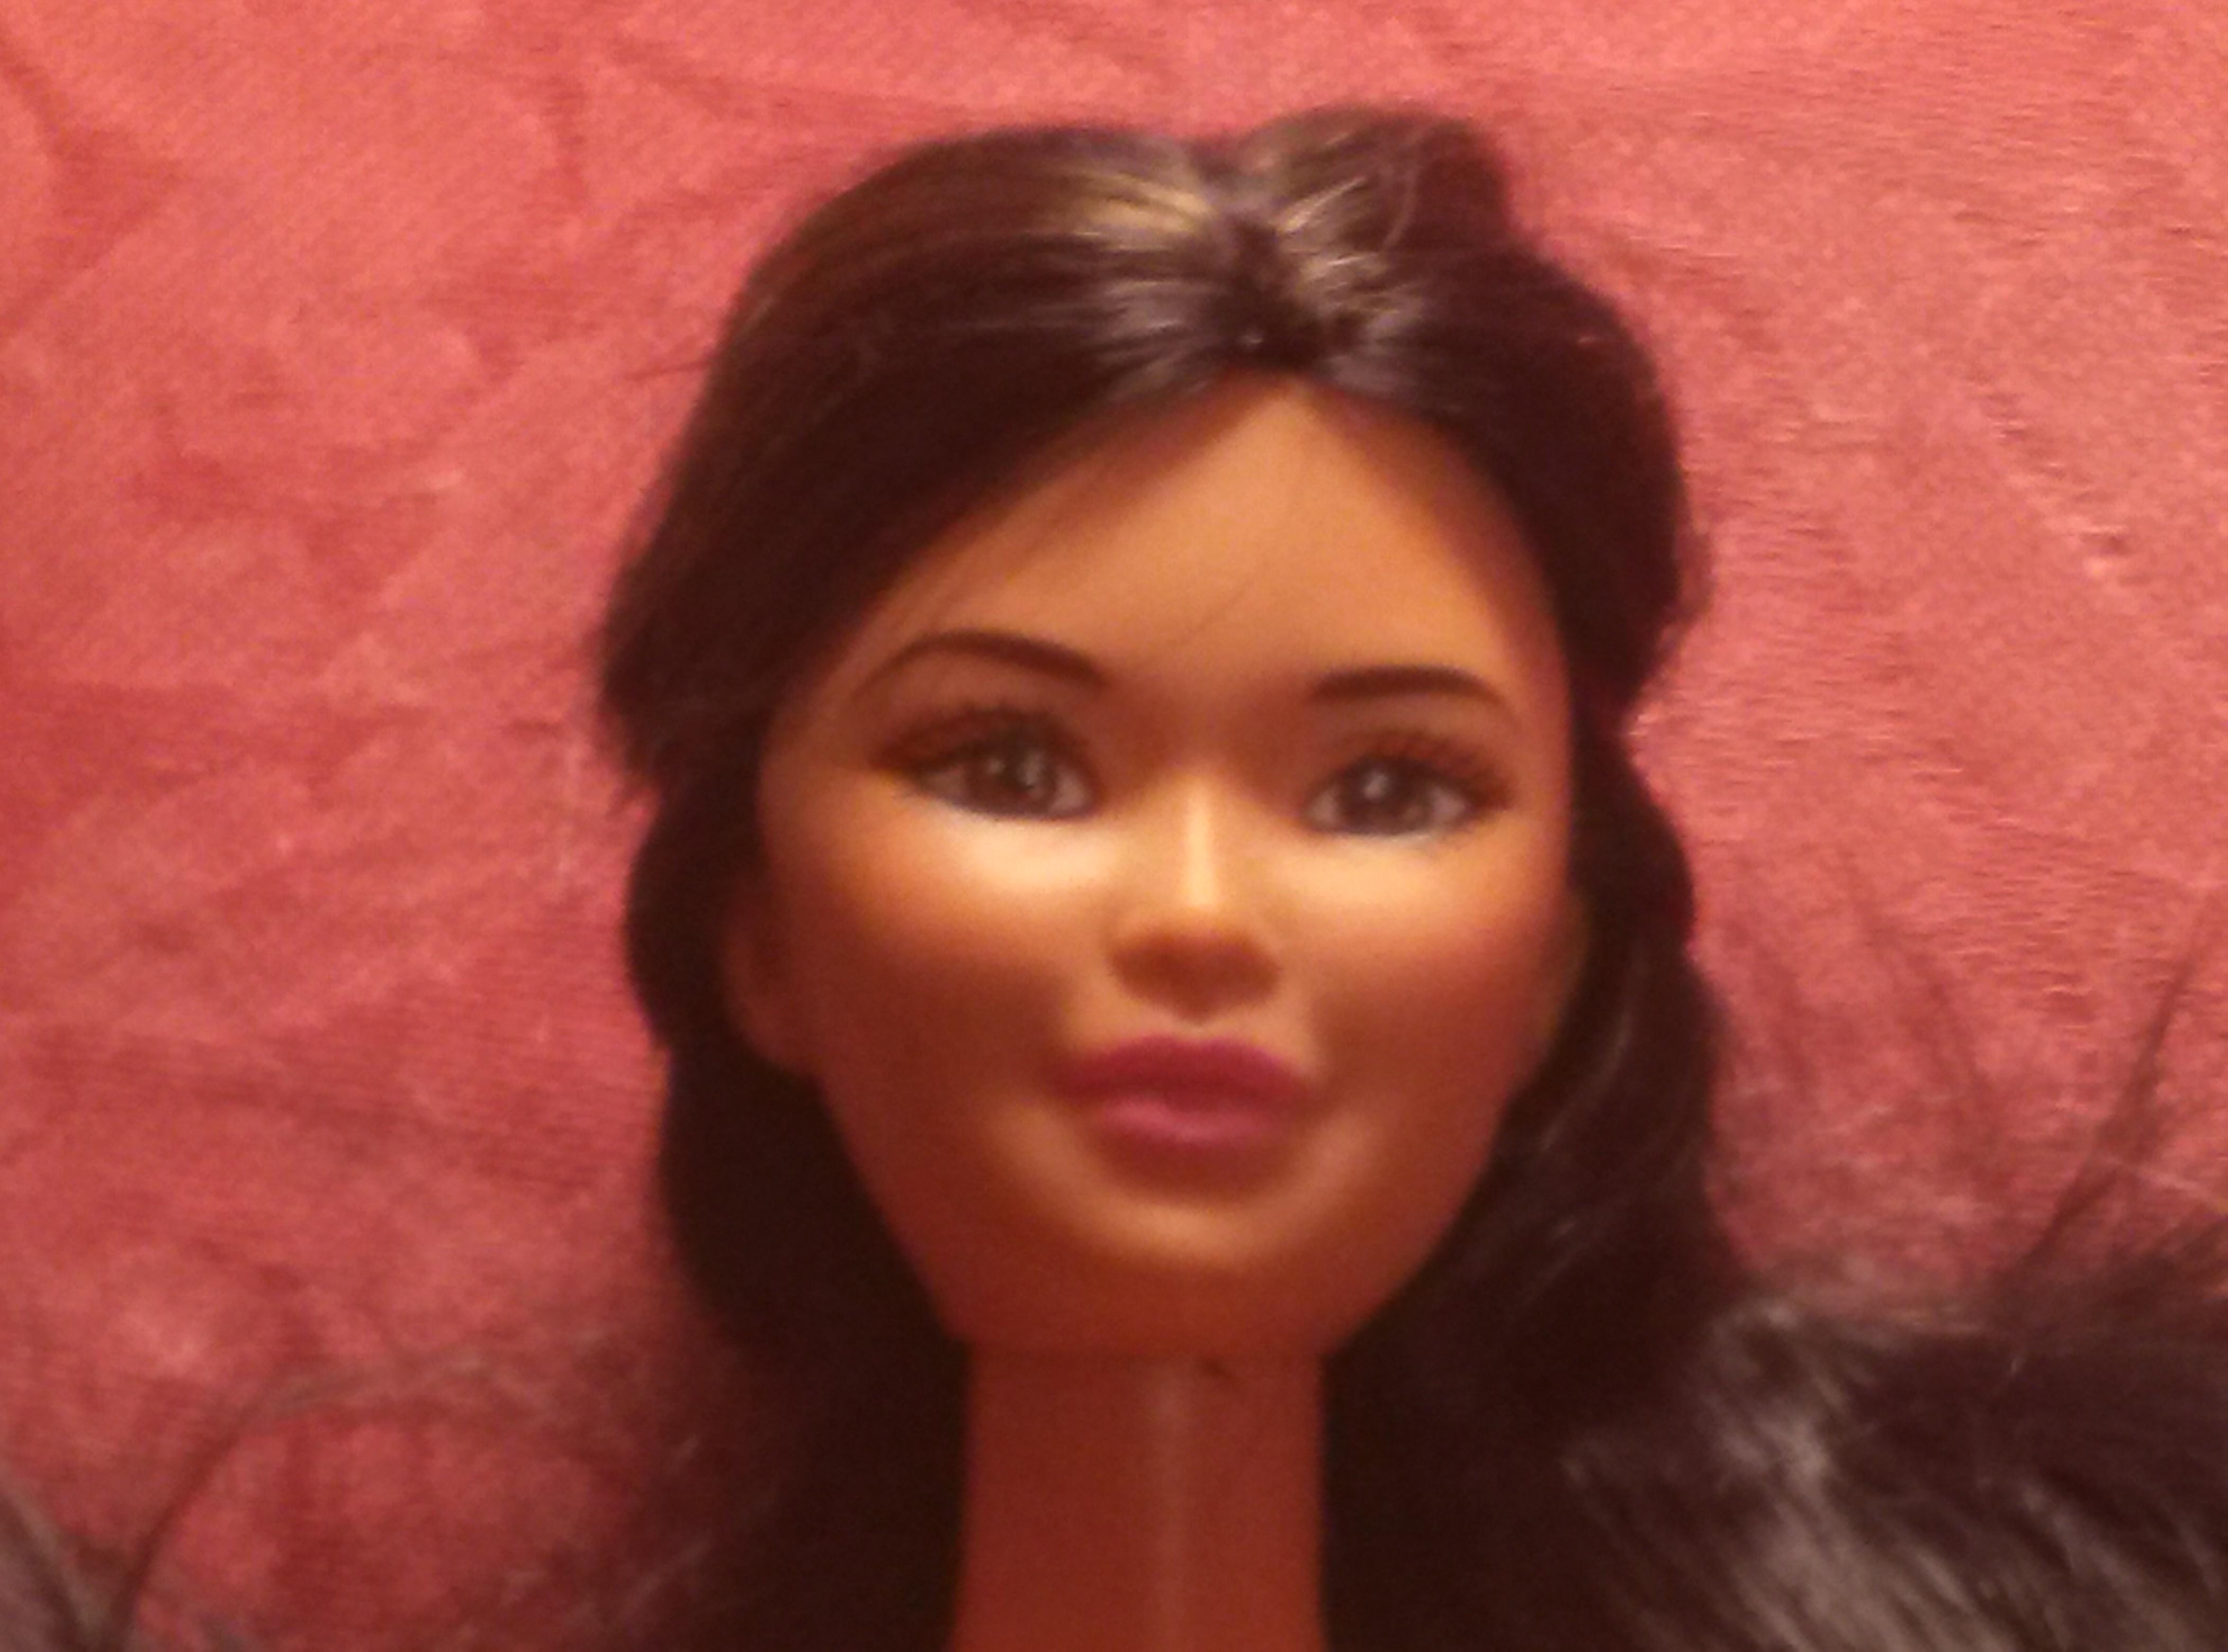 Doll head comparison